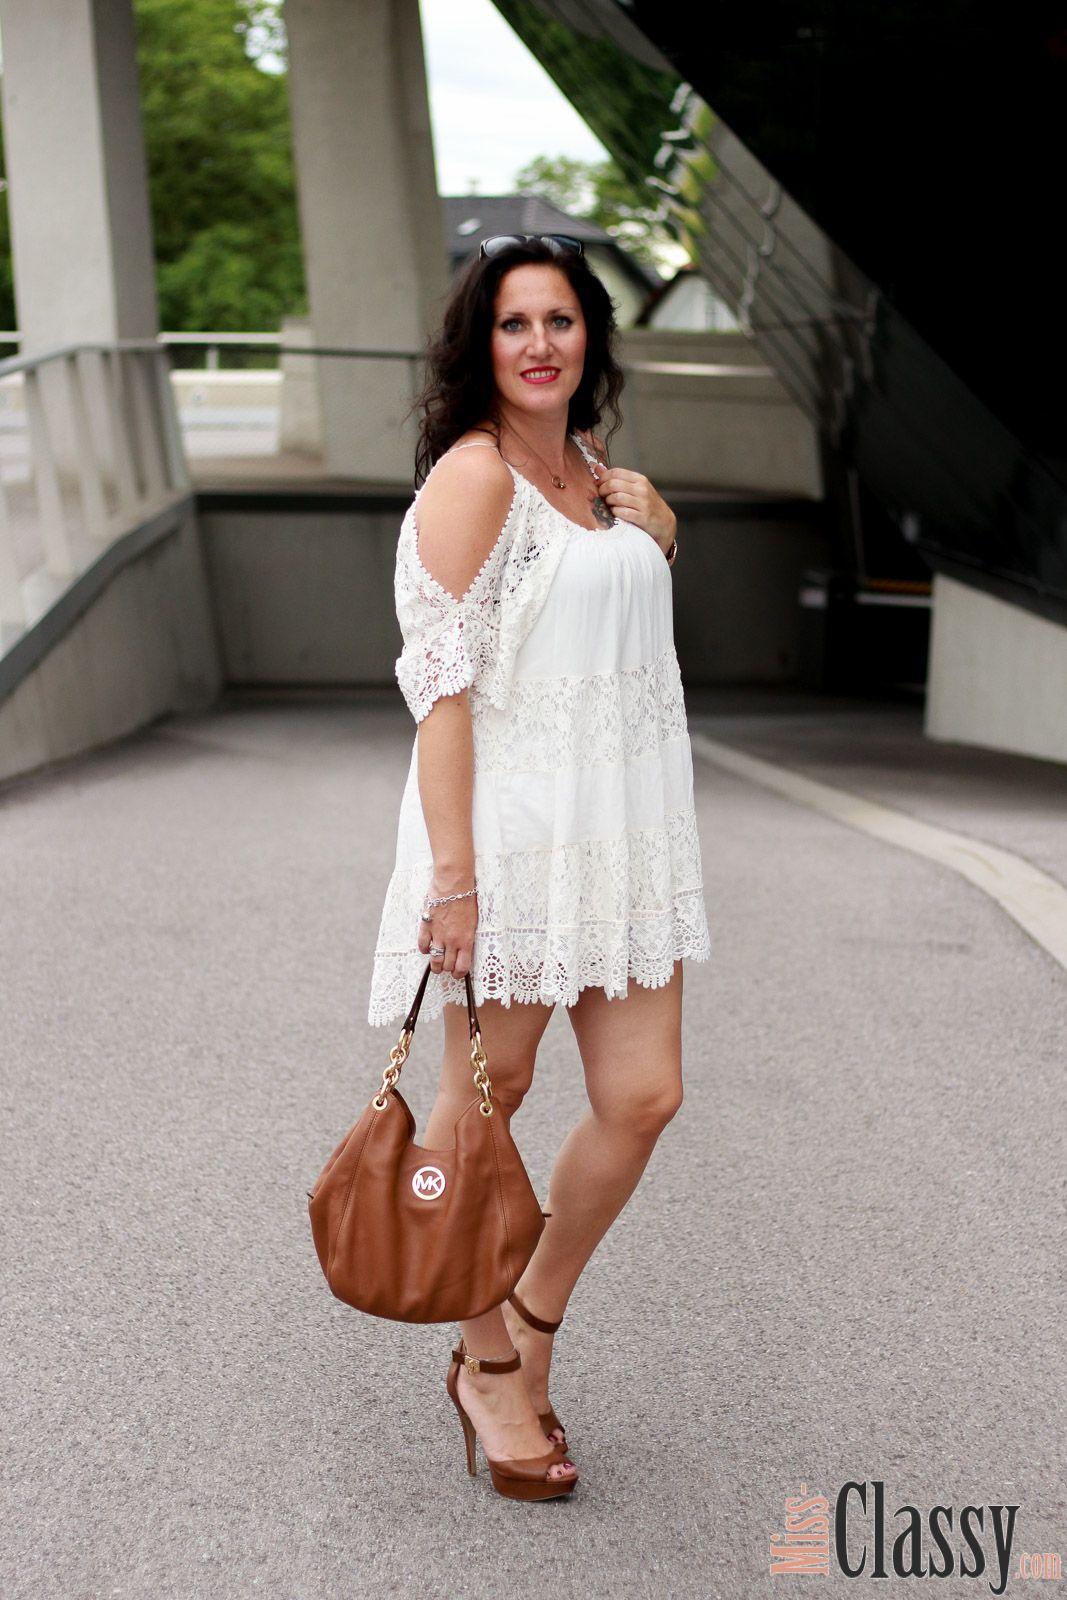 OUTFIT: Weißes Spitzenkleid und High Heels von Guess Miss